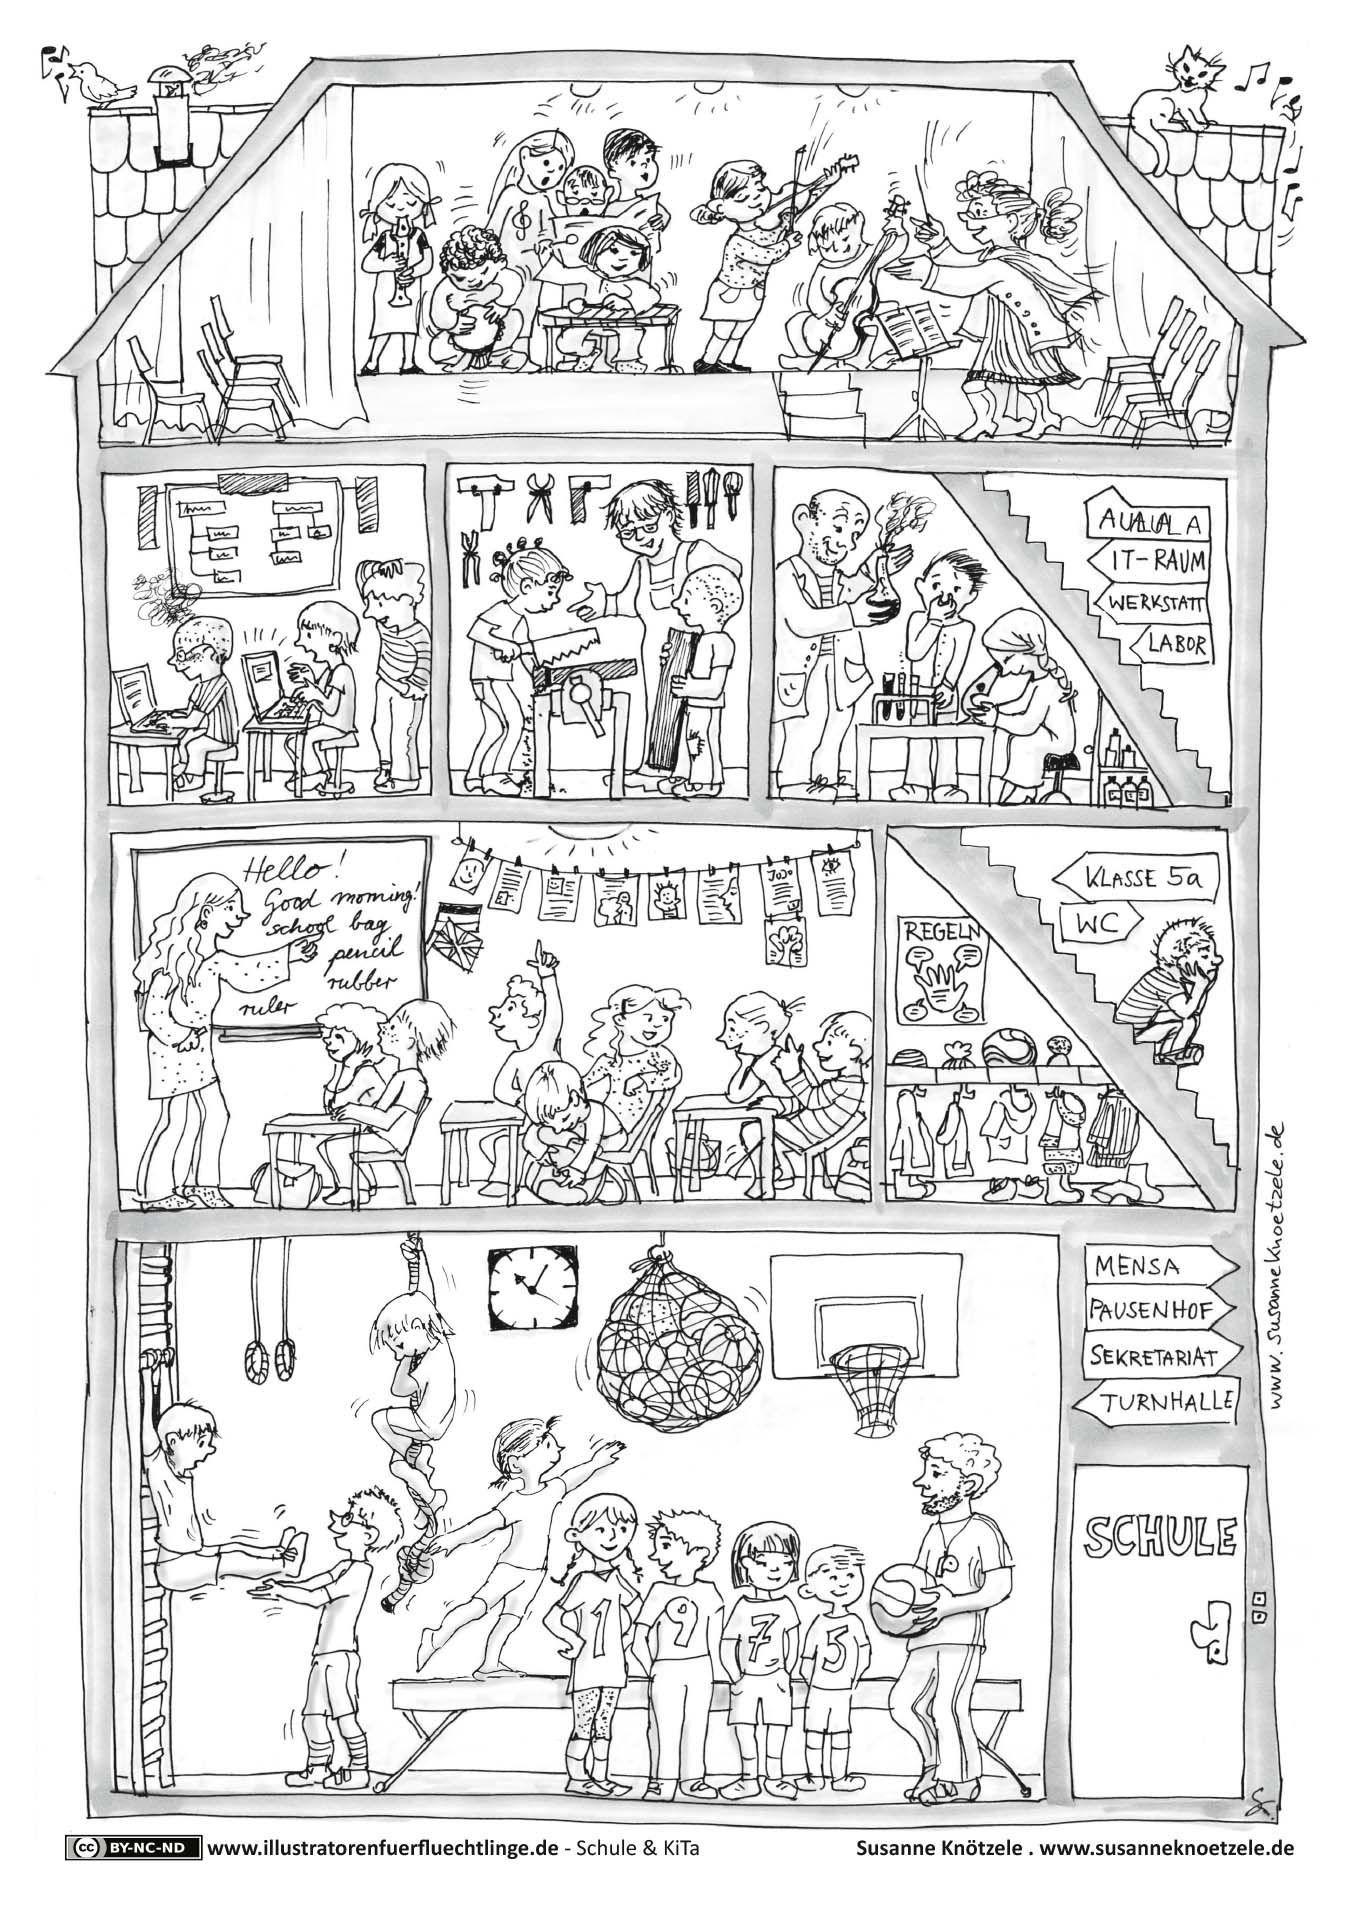 Ausmalbilder Verkehrserziehung  Verkehrserziehung Kindergarten Ausmalbilder Frisch 47